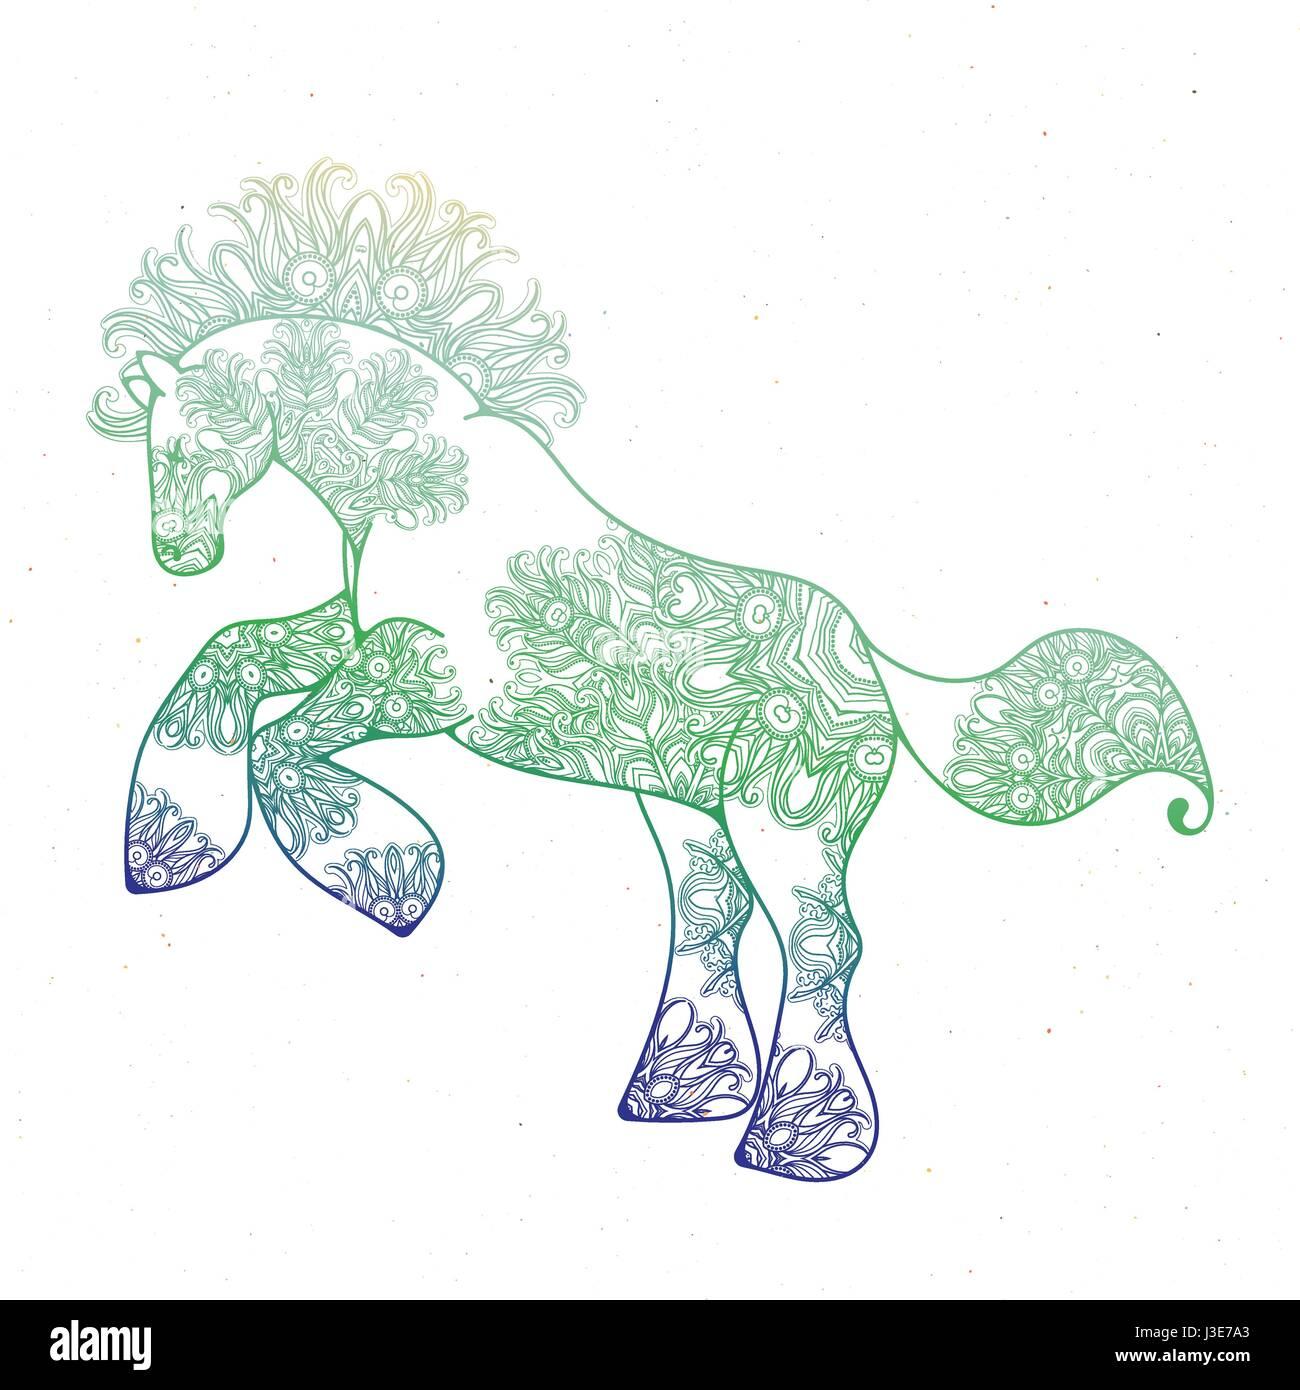 Nett Pferd Anatomie Malbuch Bilder - Malvorlagen Von Tieren - ngadi.info